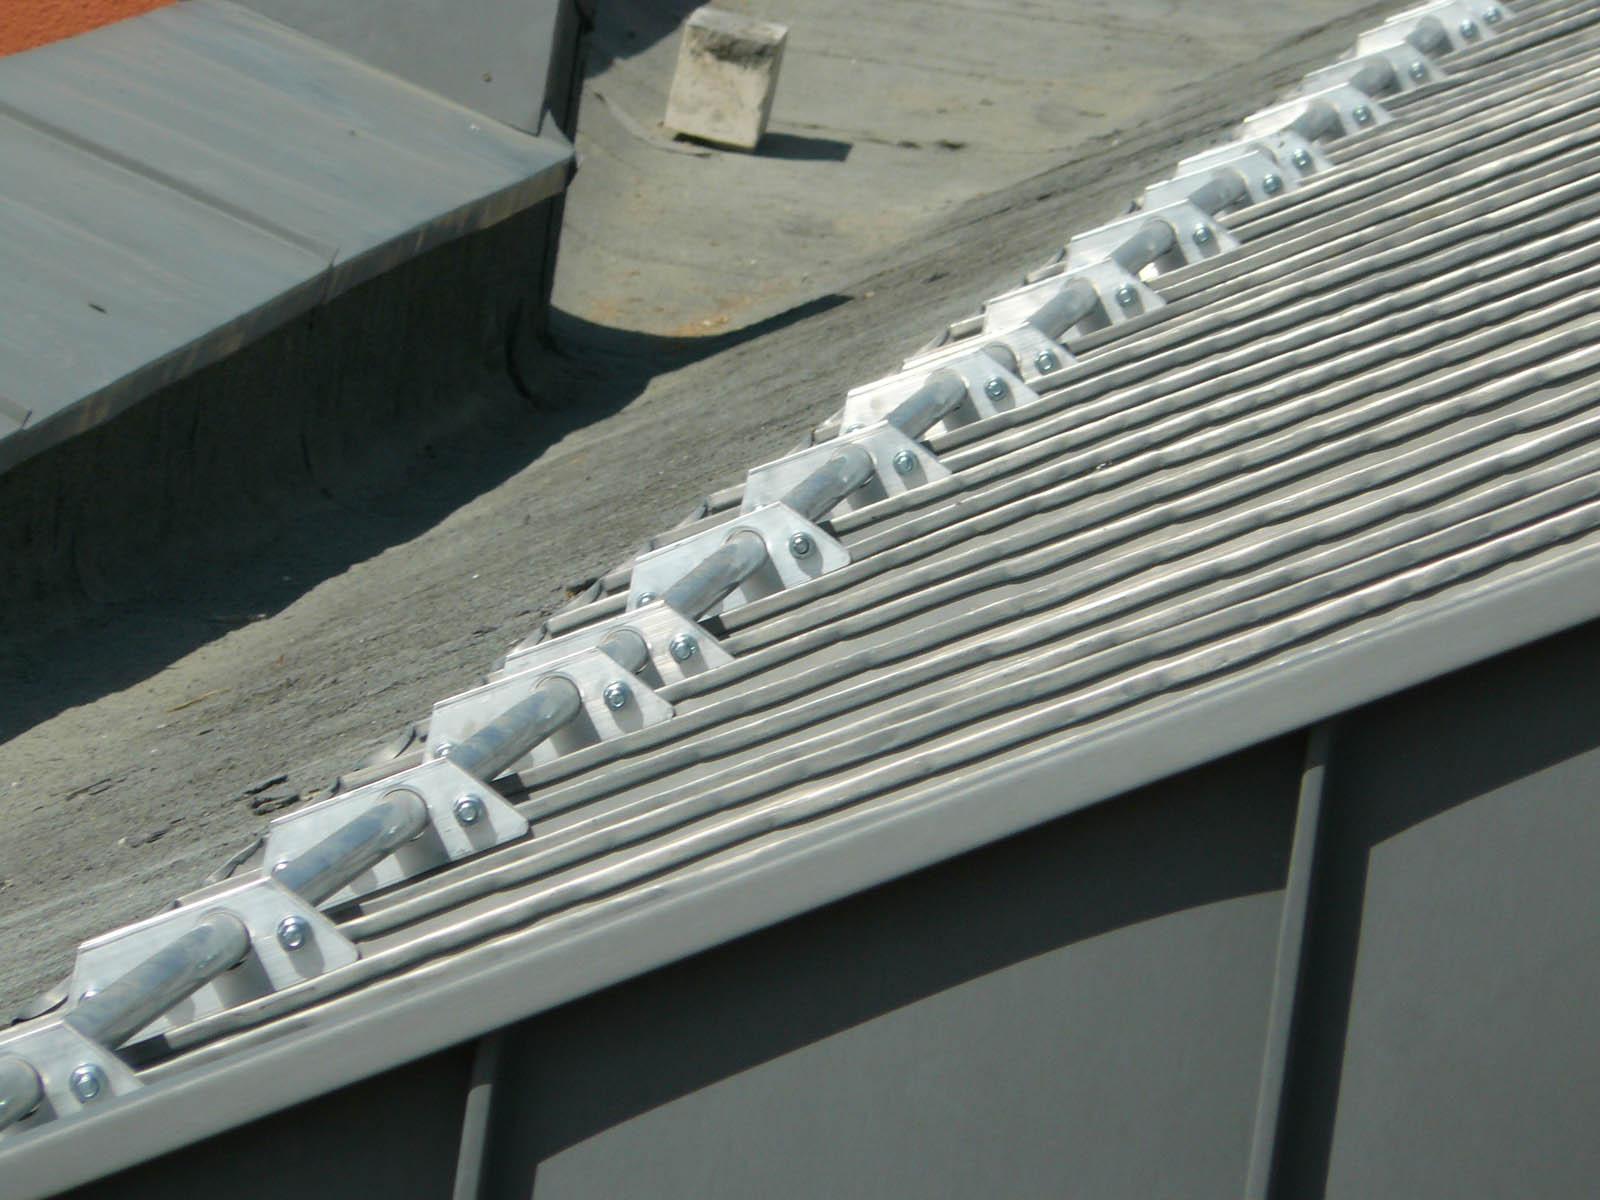 Wspornik rury pojedynczy aluminiowy CEDA montuje się na dachach z blachy na rąbek. Płotki przeciwśniegowe zabezpieczają dach przed śniegiem.